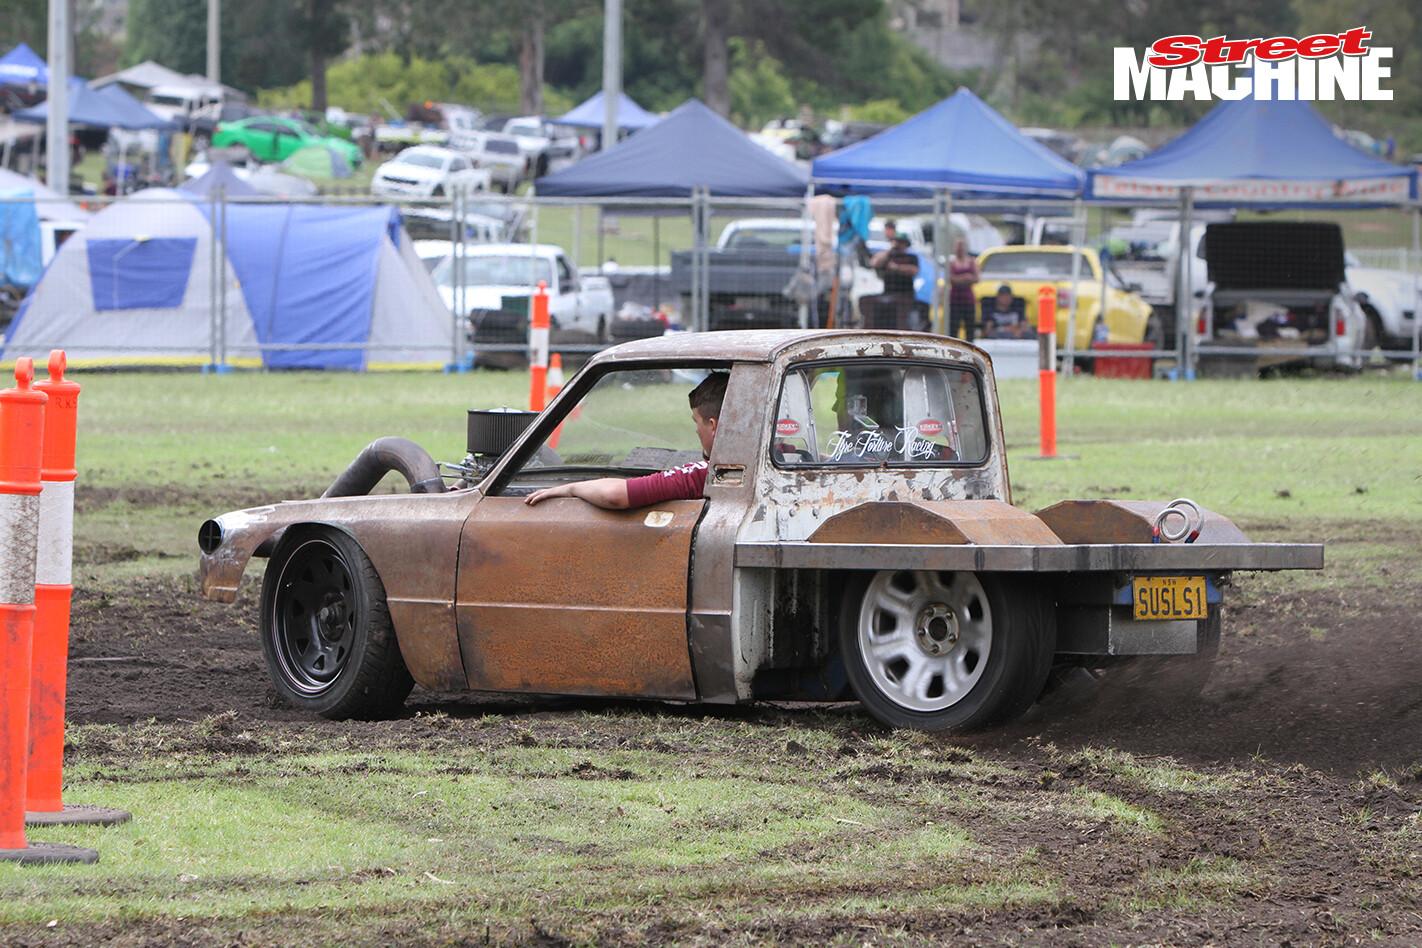 SUSLS1 Mazda Ute Burnout 11 Nw